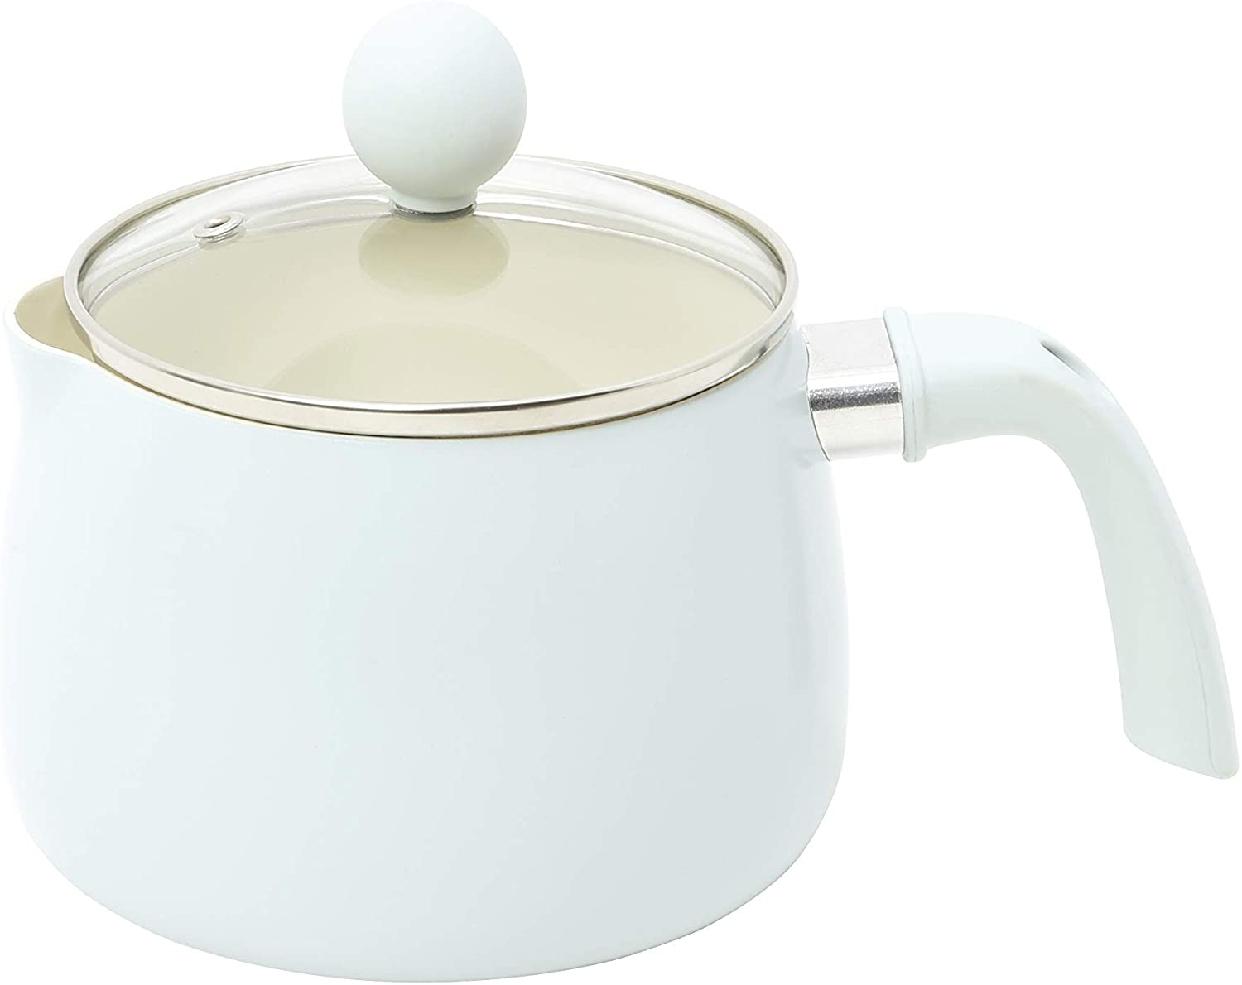 copan(コパン) 片手鍋の商品画像